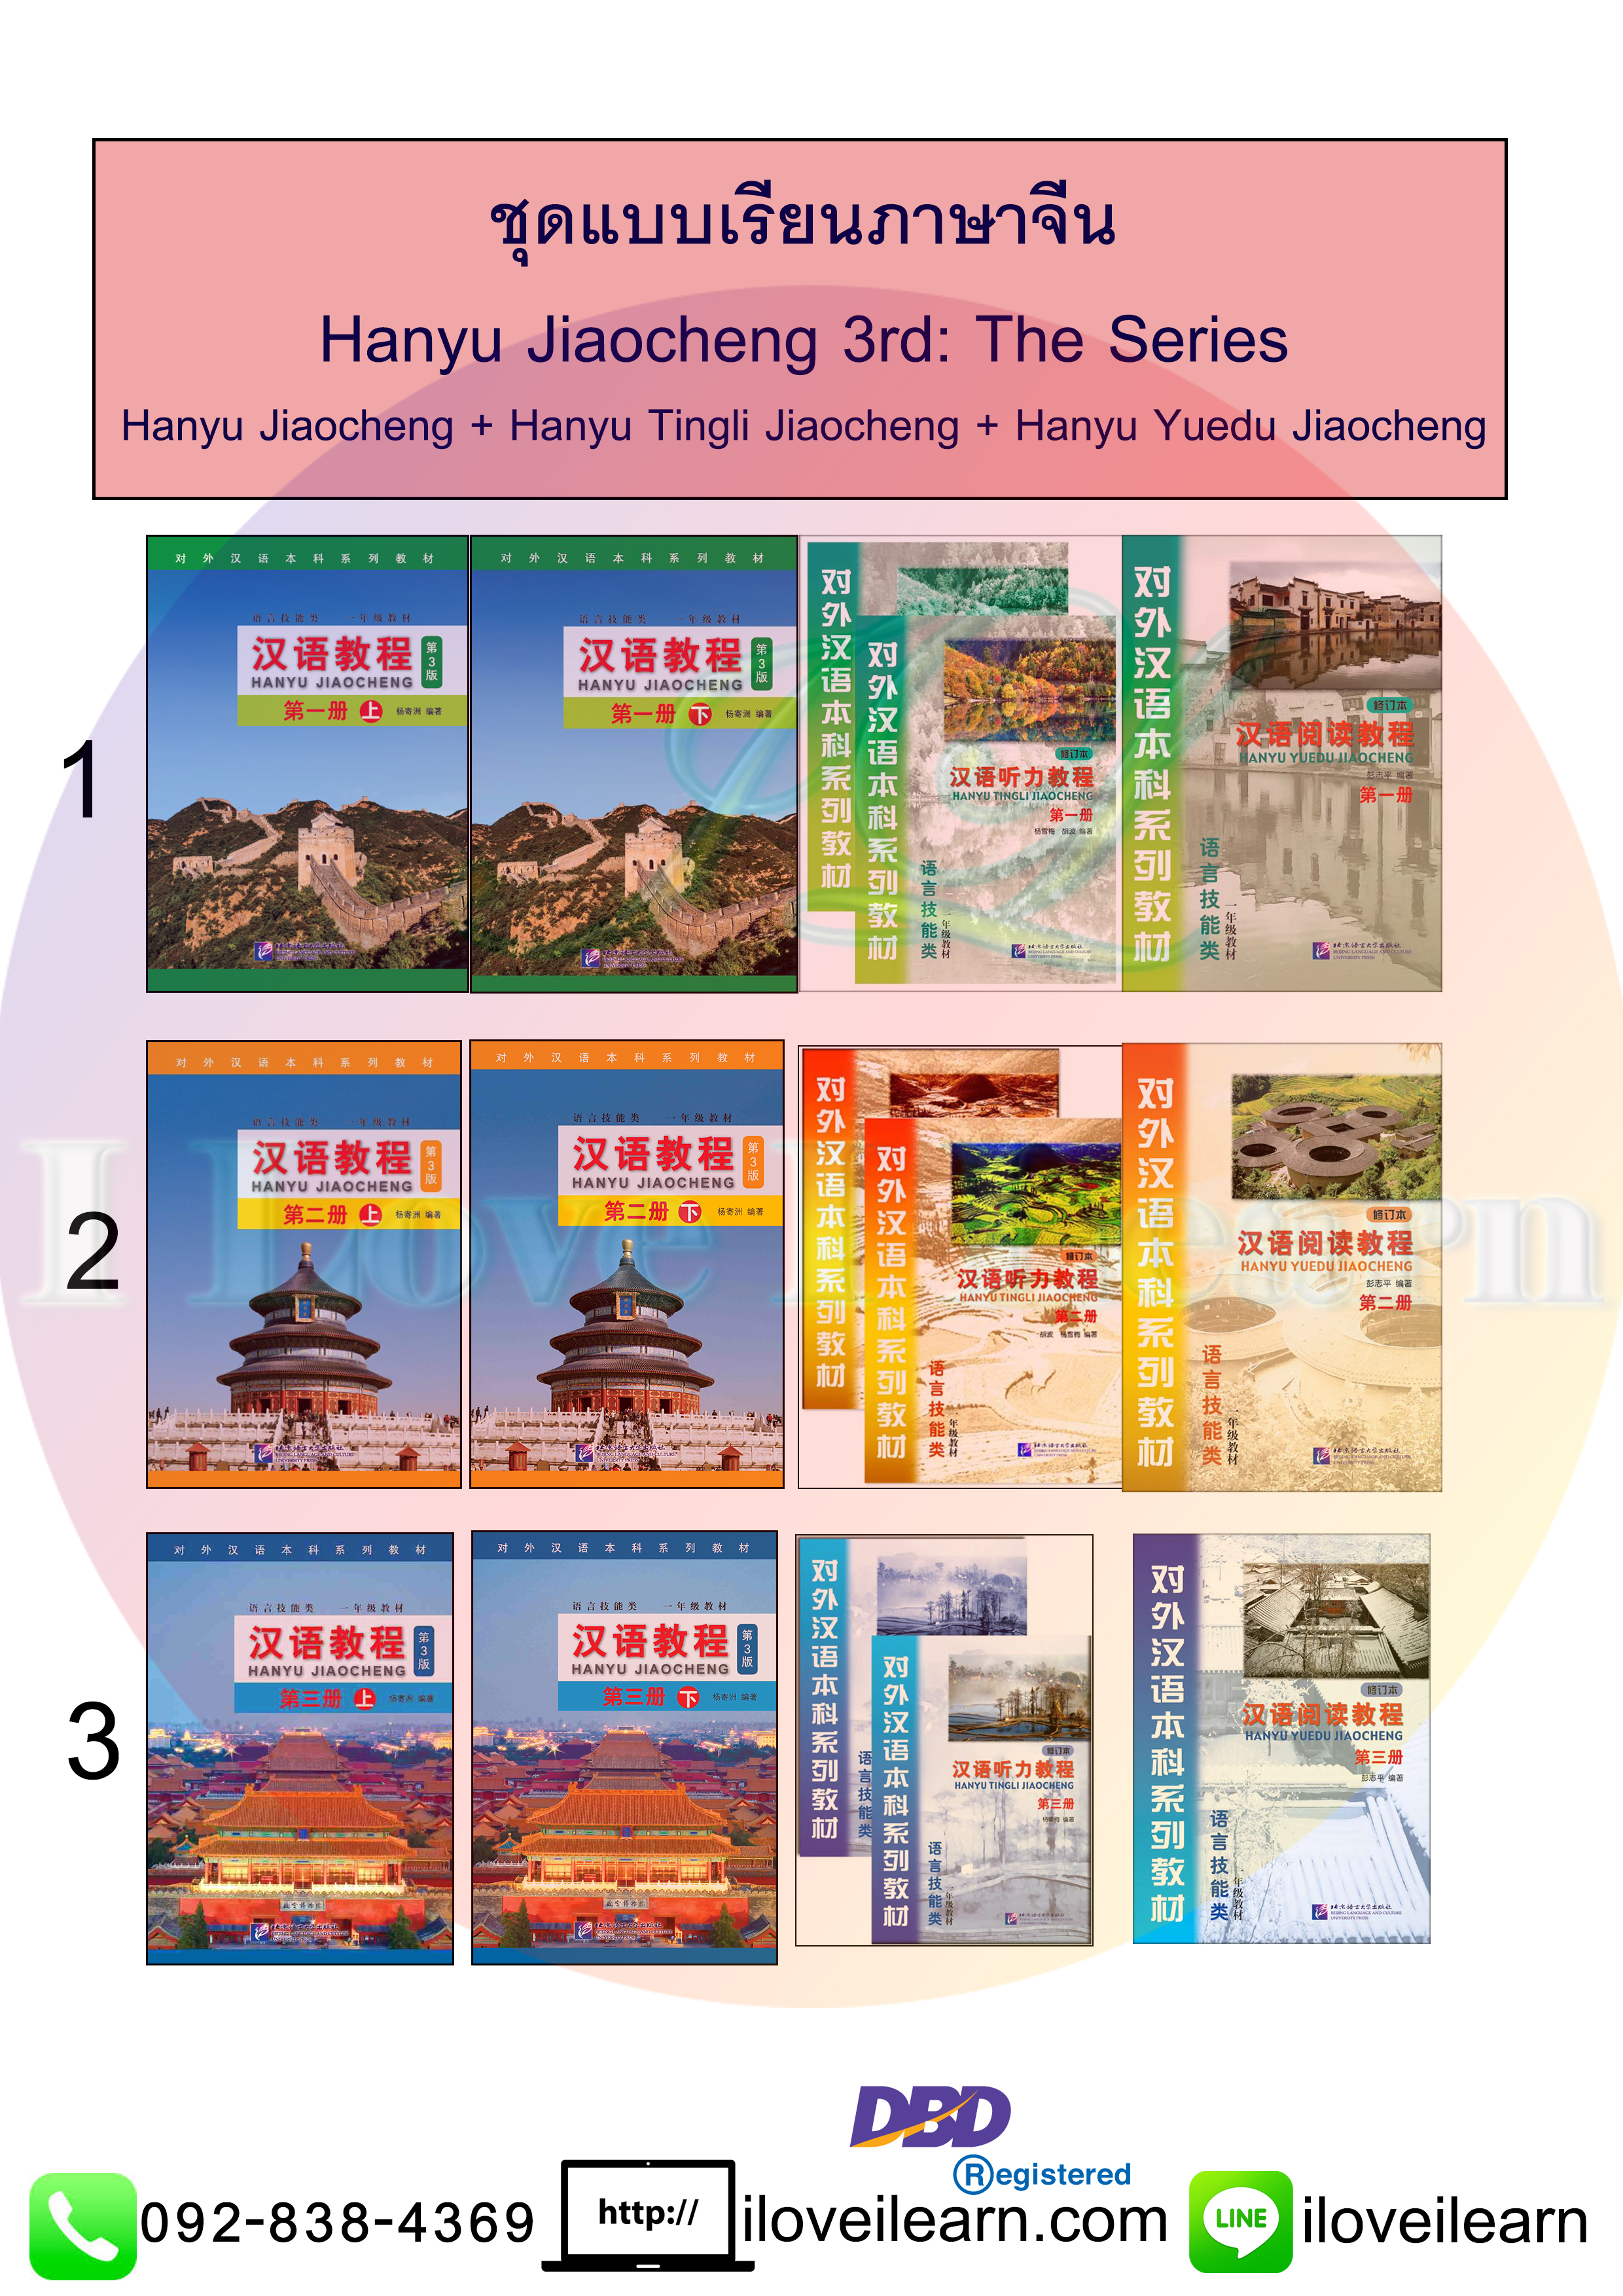 ชุดแบบเรียน Hanyu Jiaocheng 3rd Edition: The Series